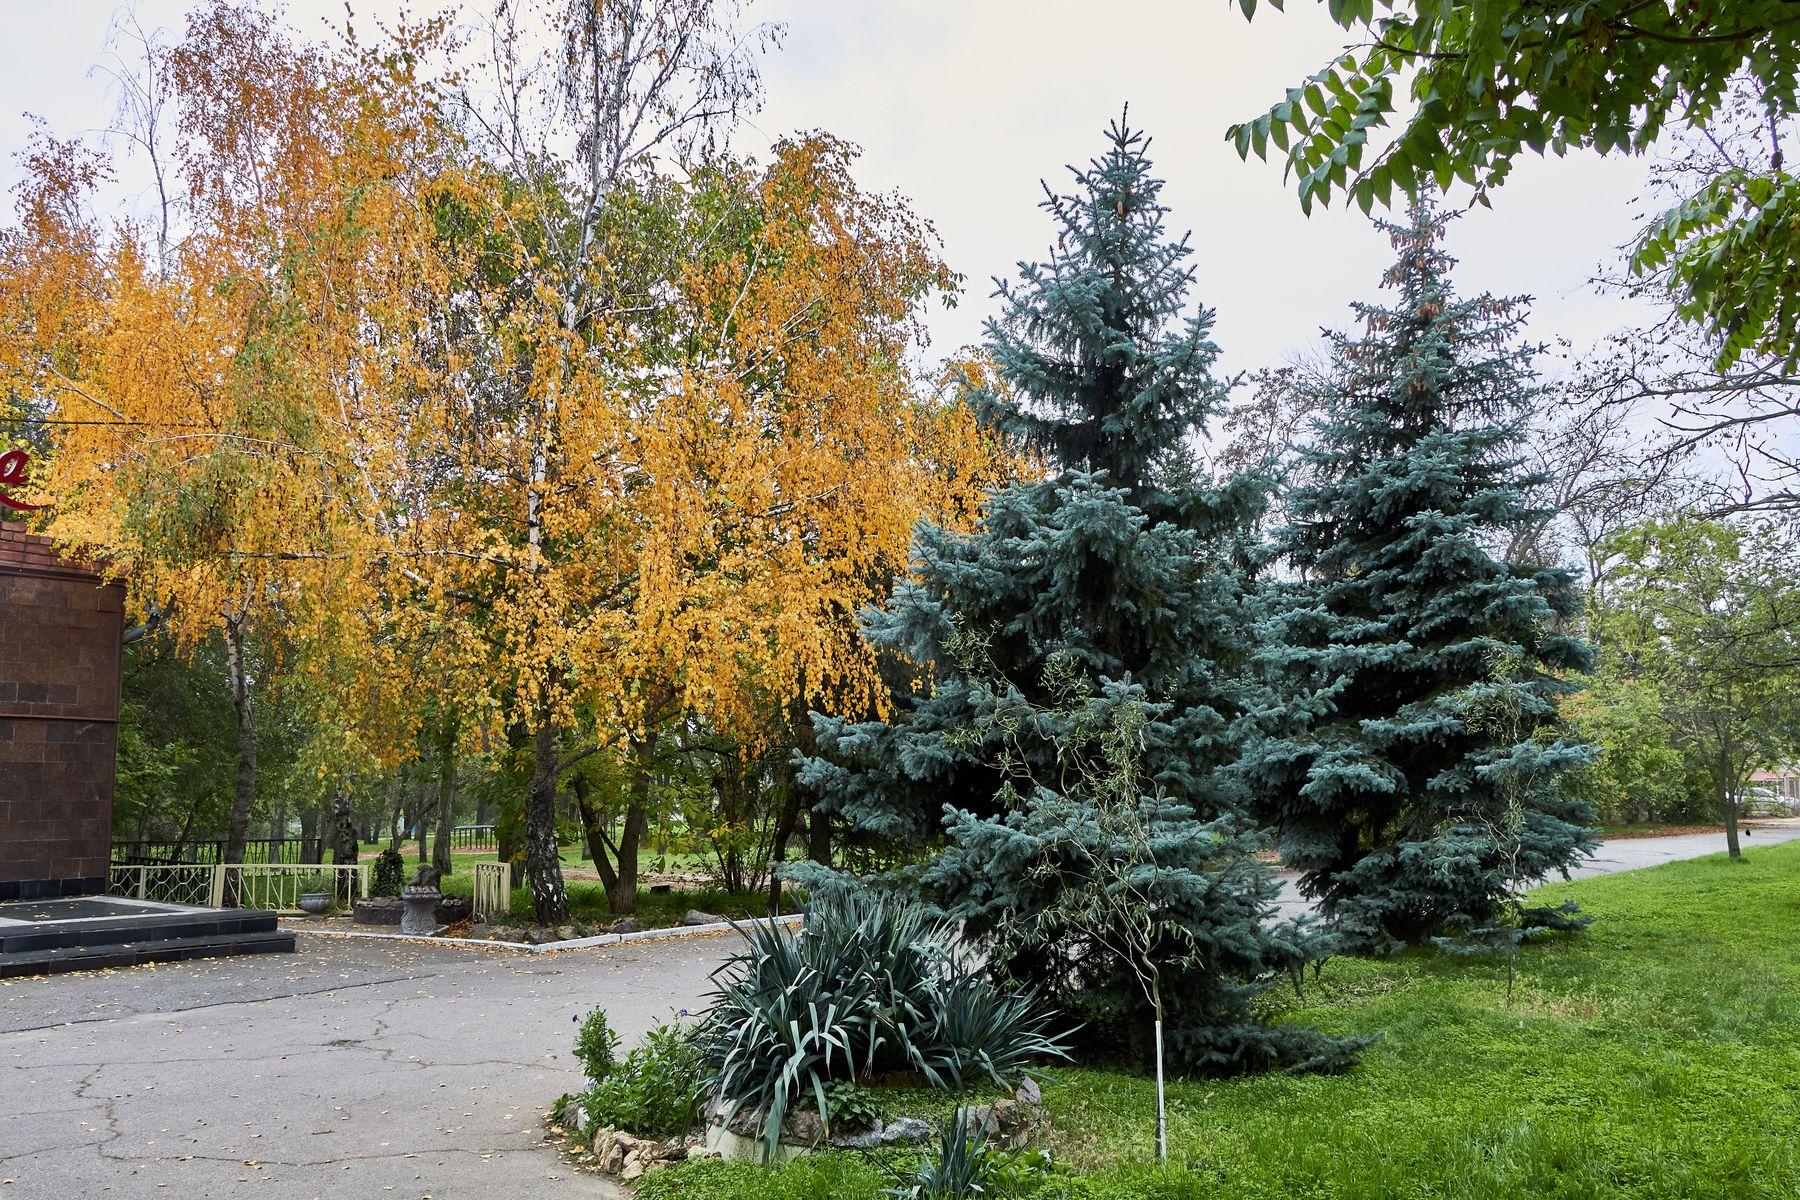 Осенний парк в Херсоне осень парк природа листья херсон ель берёза аллея